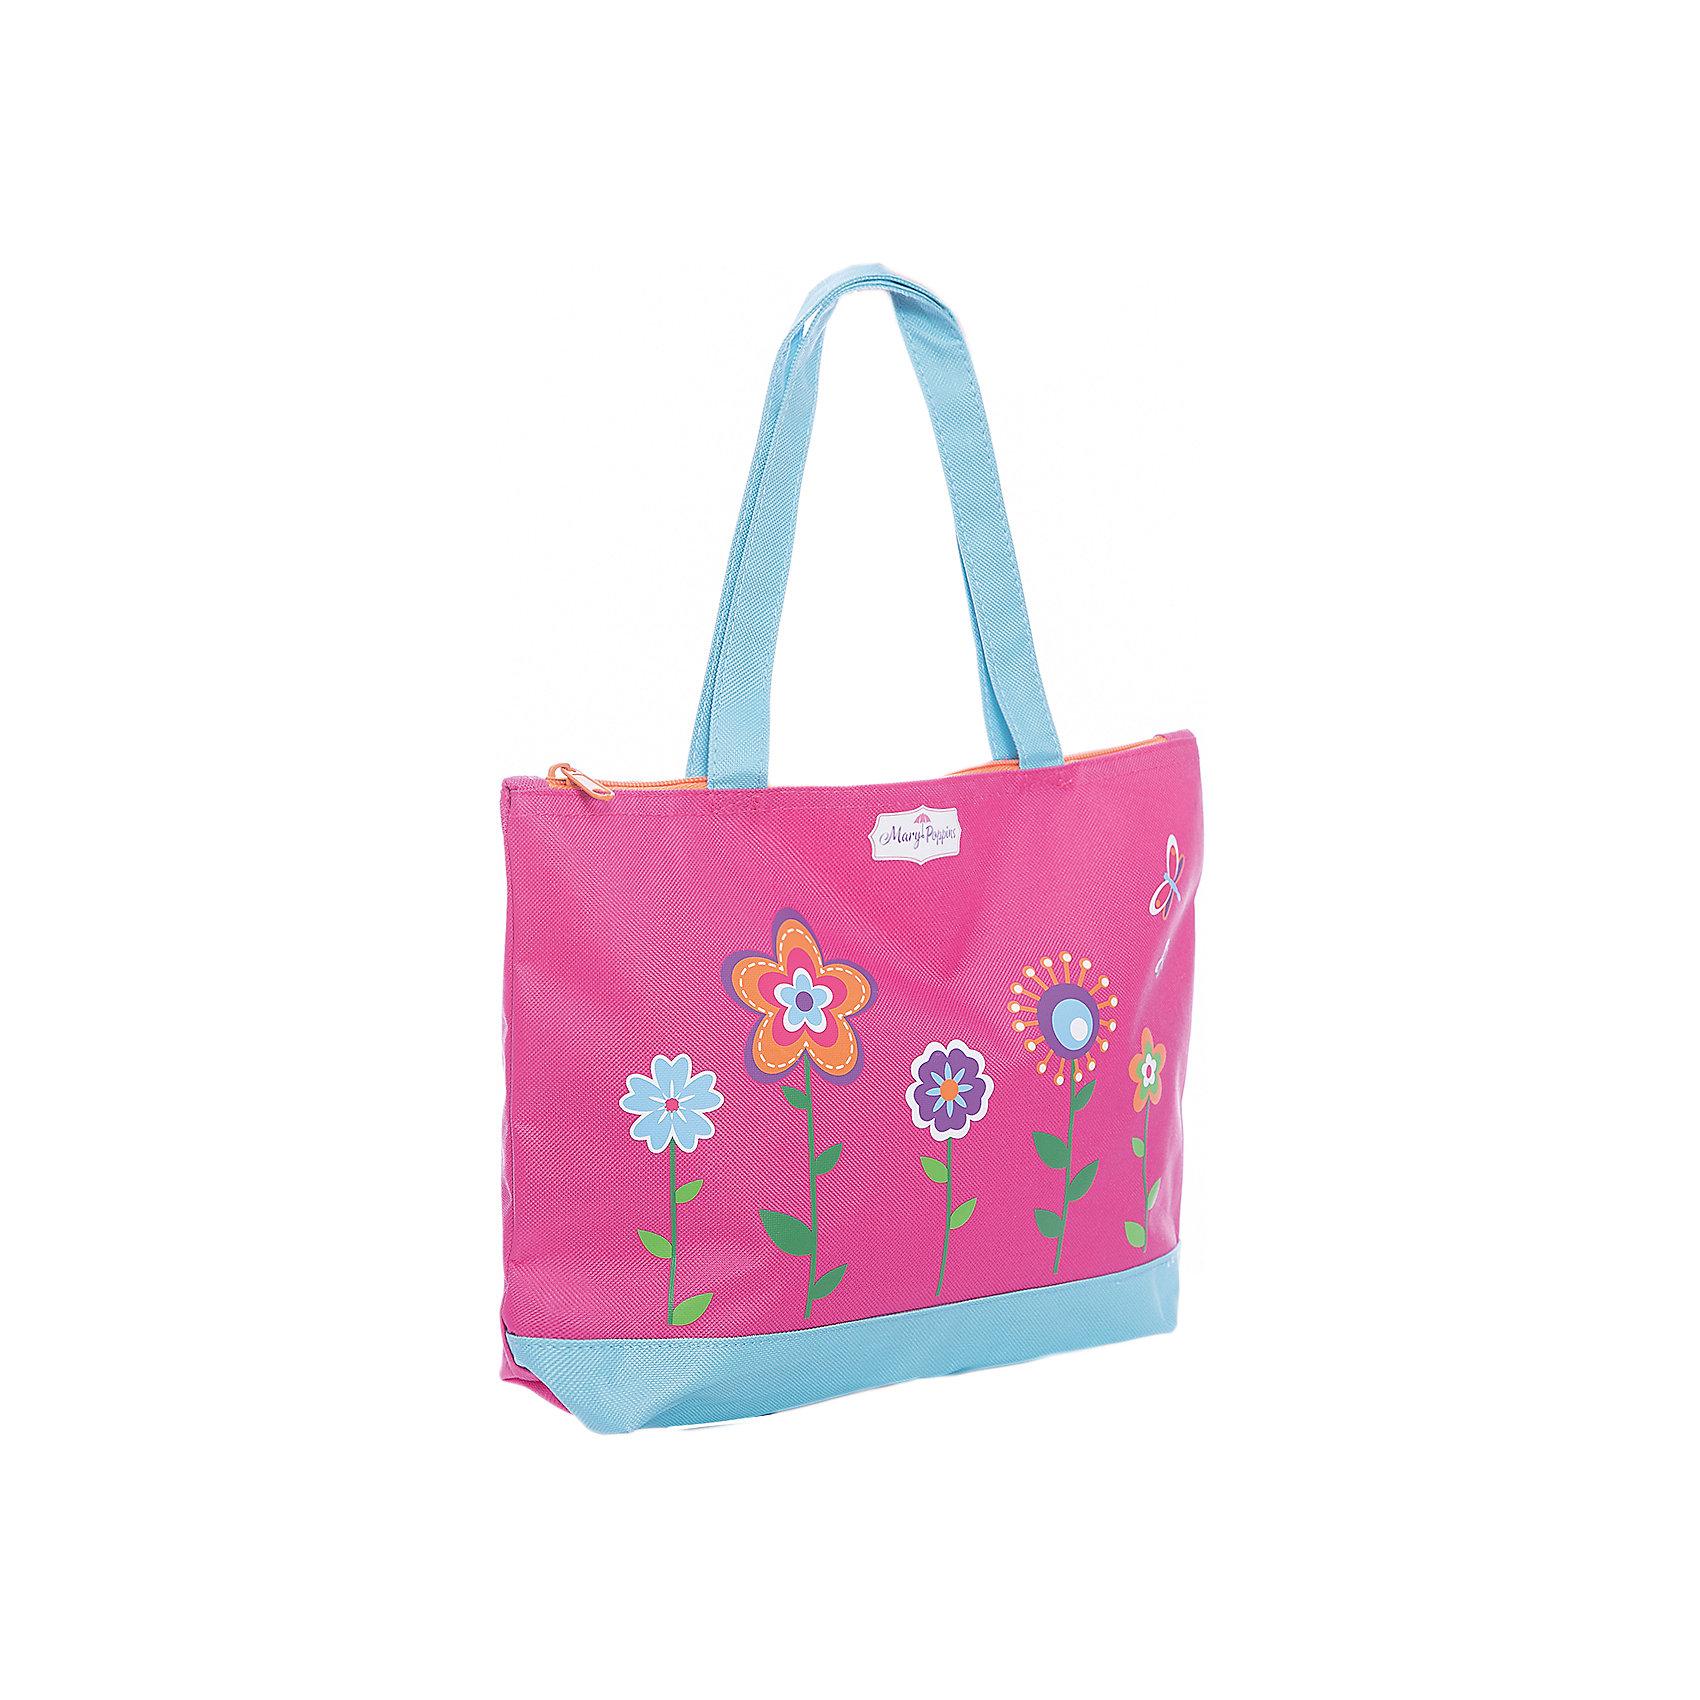 Сумка Цветы 33*8*23 см.Детские сумки<br>Сумка Цветы, представленная торговой маркой Mary Poppins, понравится многим девочкам. Она очень вместительная и удобная, в такую сумку можно сложить школьные письменные принадлежности или же игрушки девочки. Сумка выполнена в розово-голубом цвете, а также украшена различными яркими цветочками и бабочками.<br><br>Ширина мм: 330<br>Глубина мм: 230<br>Высота мм: 800<br>Вес г: 78<br>Возраст от месяцев: 36<br>Возраст до месяцев: 2147483647<br>Пол: Женский<br>Возраст: Детский<br>SKU: 5508552